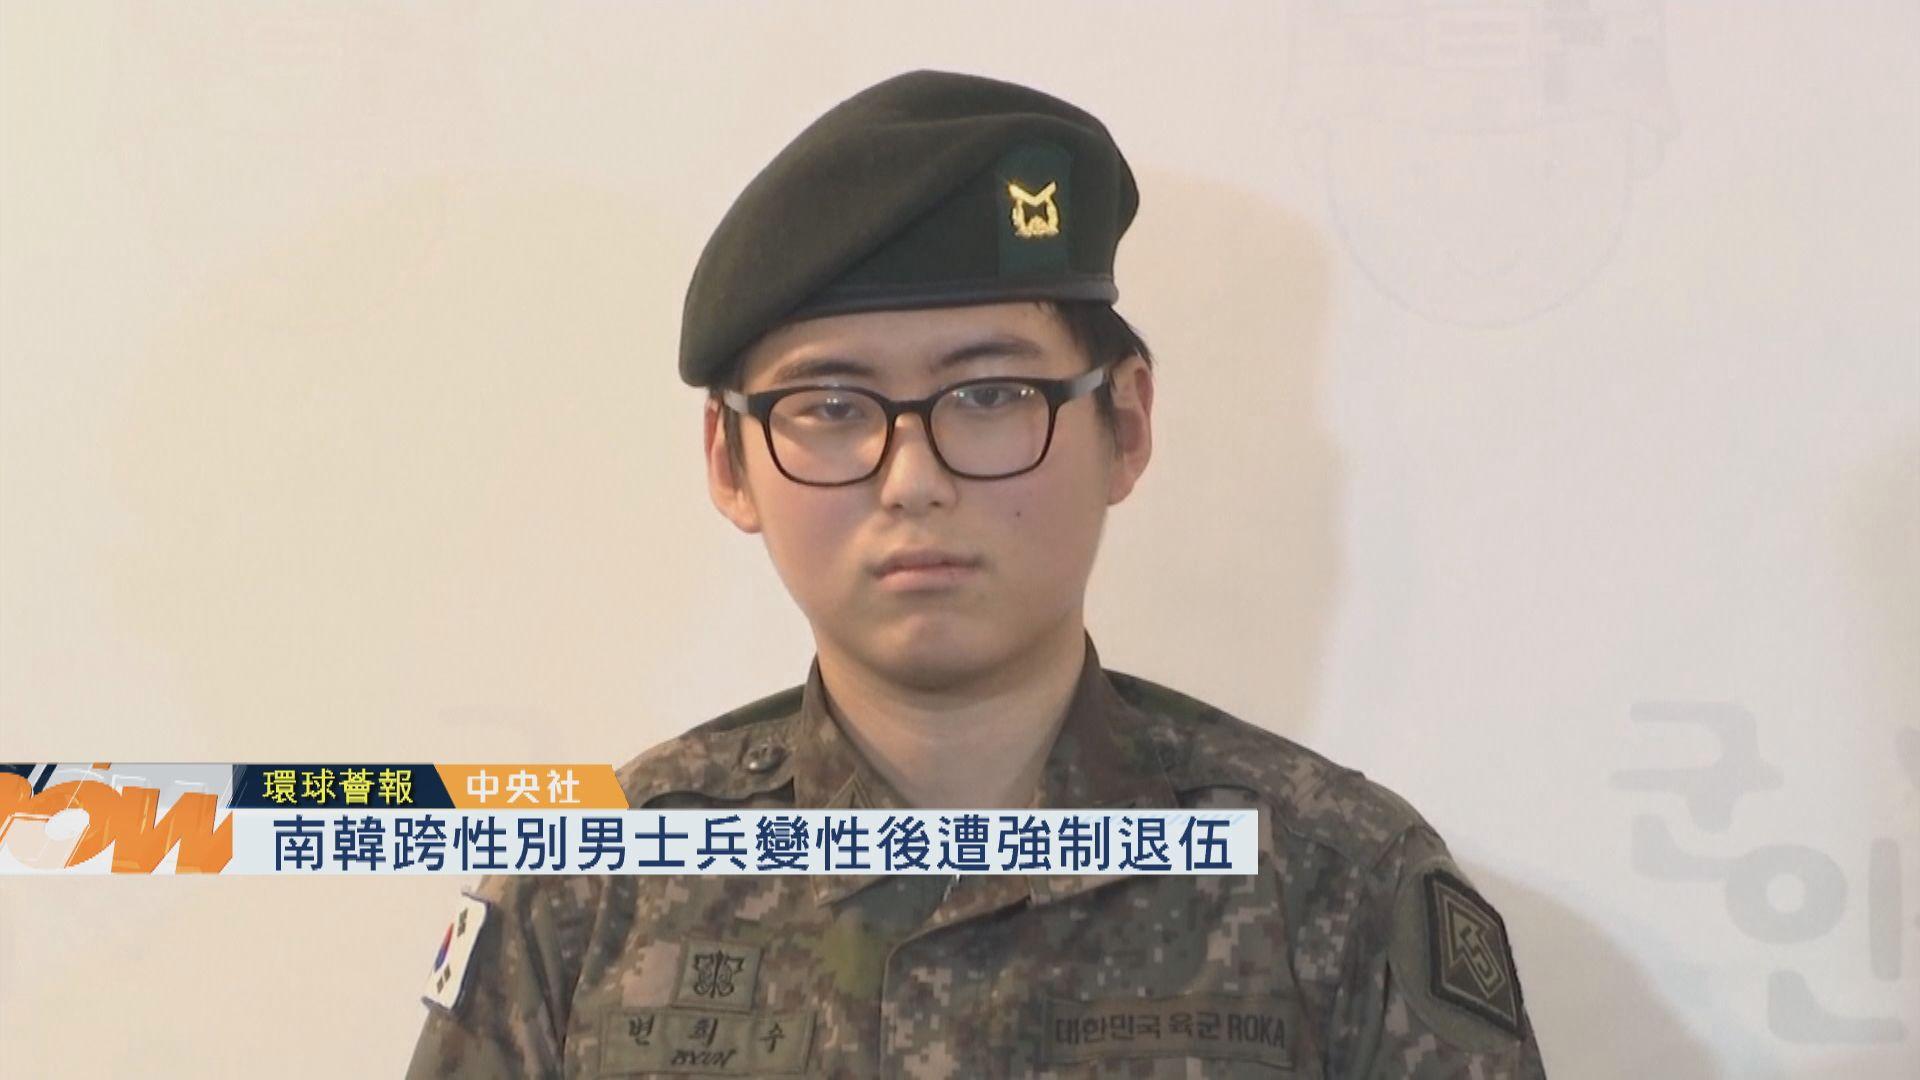 【環球薈報】南韓跨性別男士兵變性後遭強制退伍